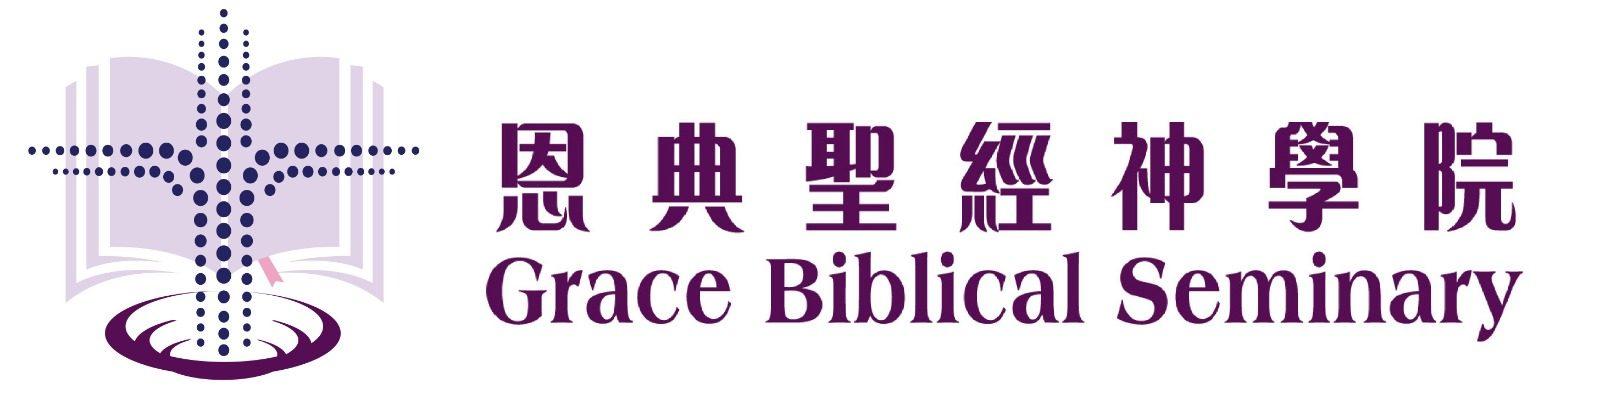 恩典聖經神學院